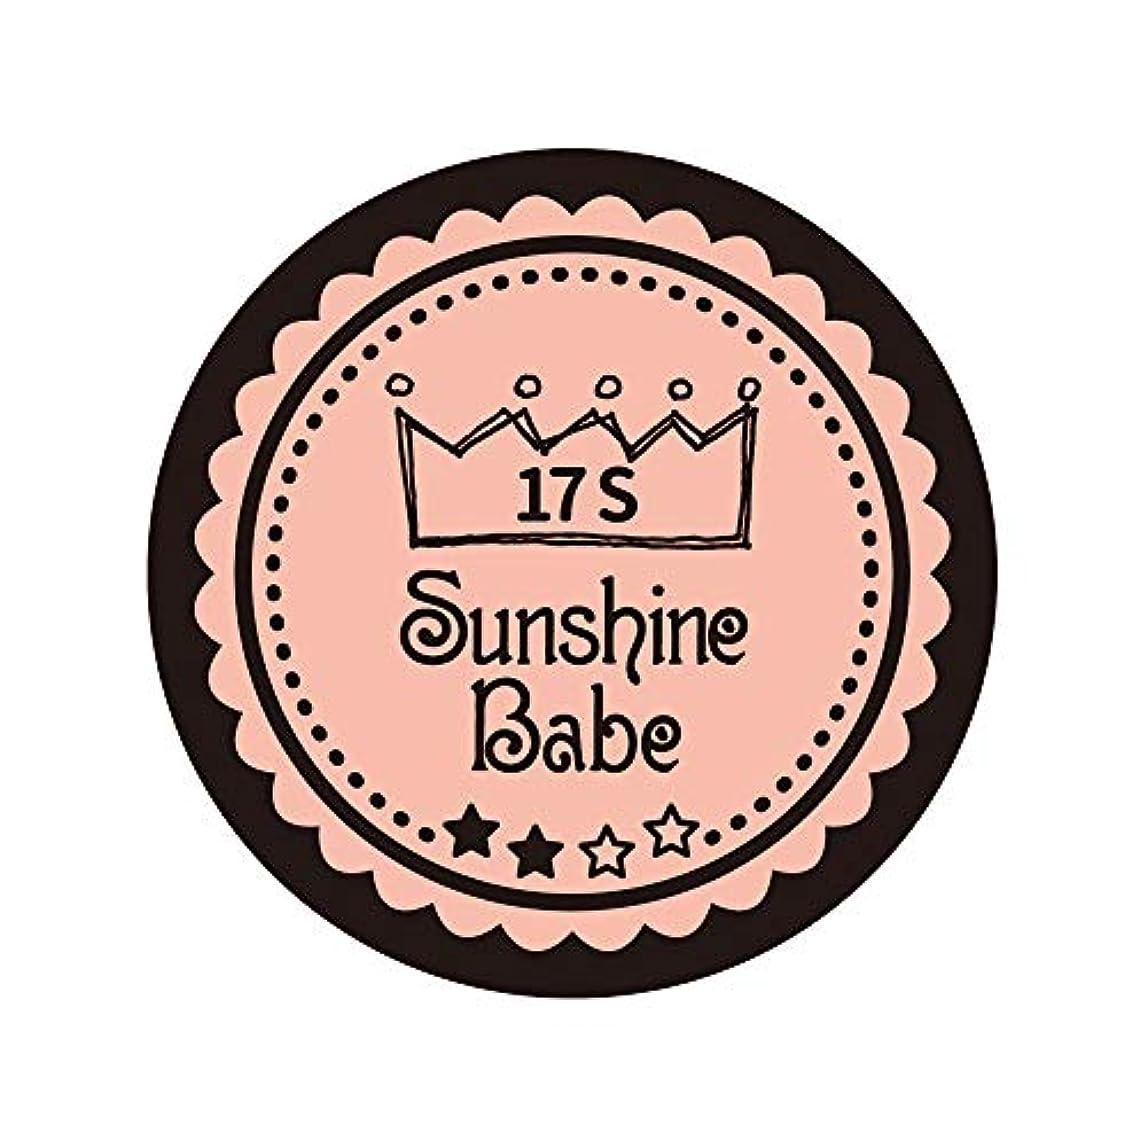 自伝立法構成員Sunshine Babe カラージェル 17S ヌーディローズ 2.7g UV/LED対応